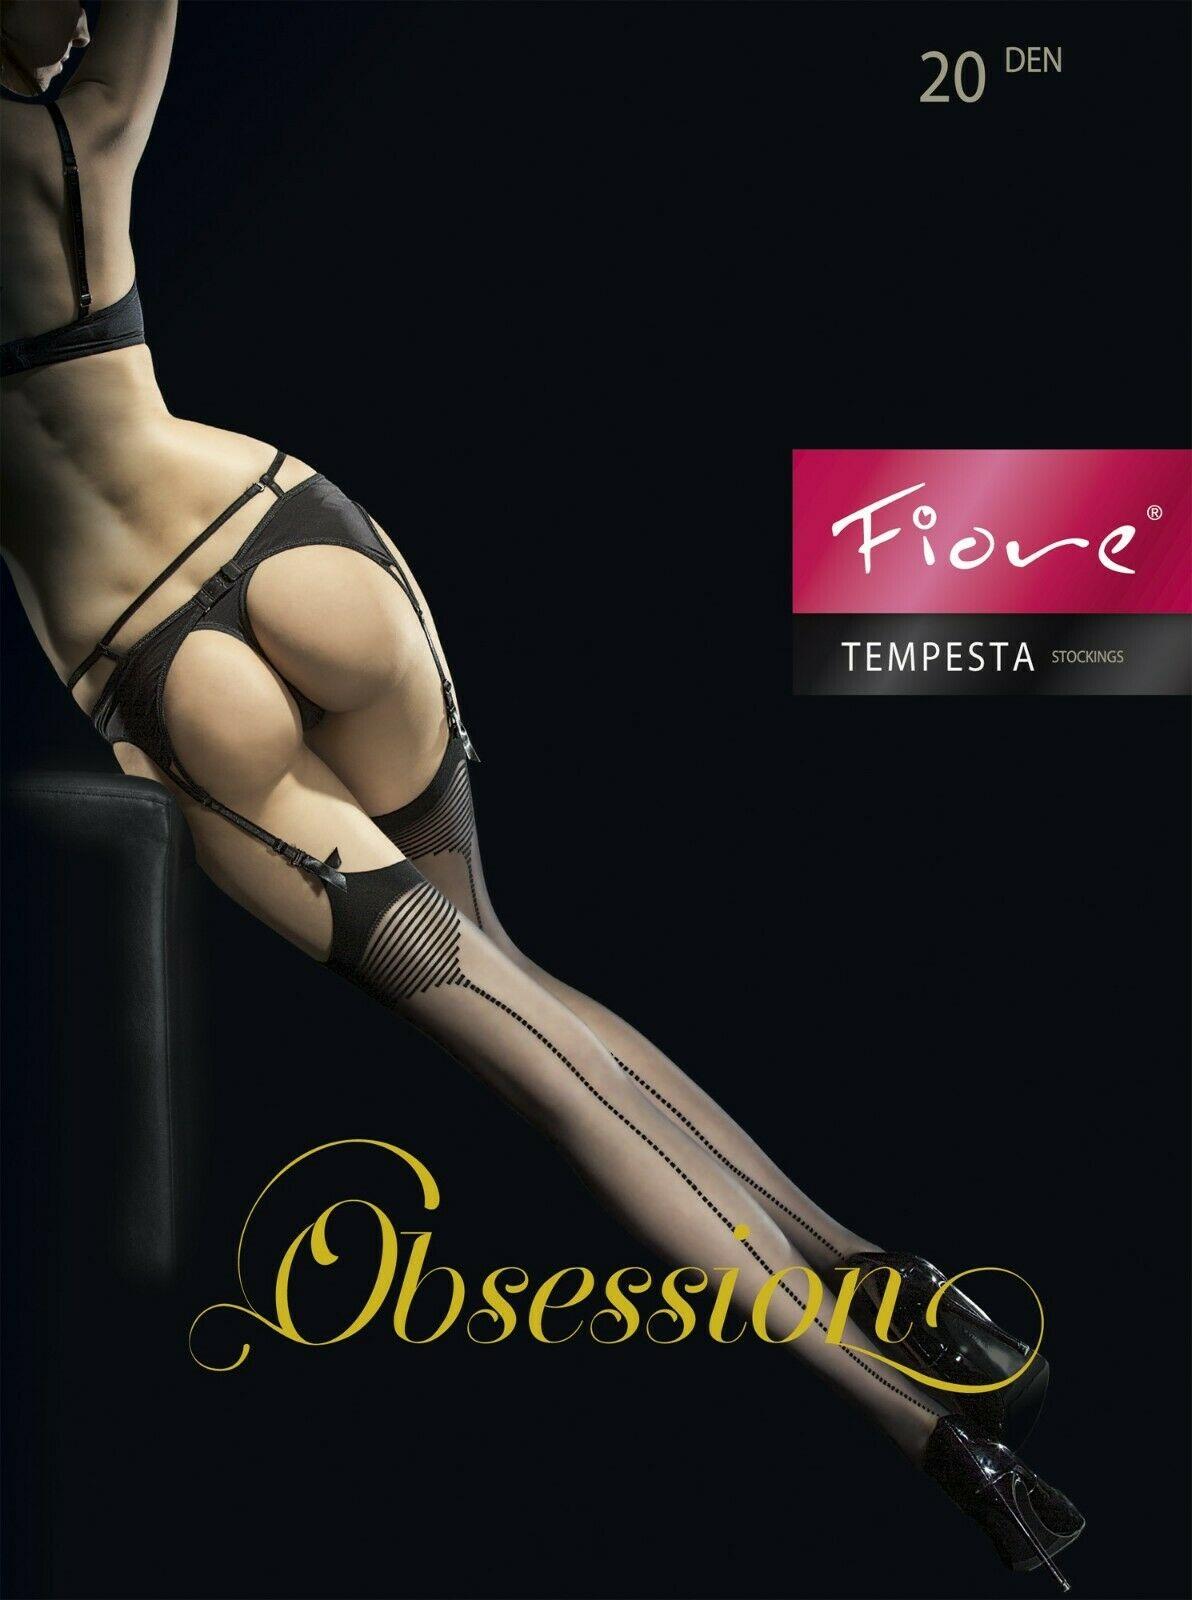 Bas porte-jarretelles sexy et glamour, avec motifs le longs des jambes